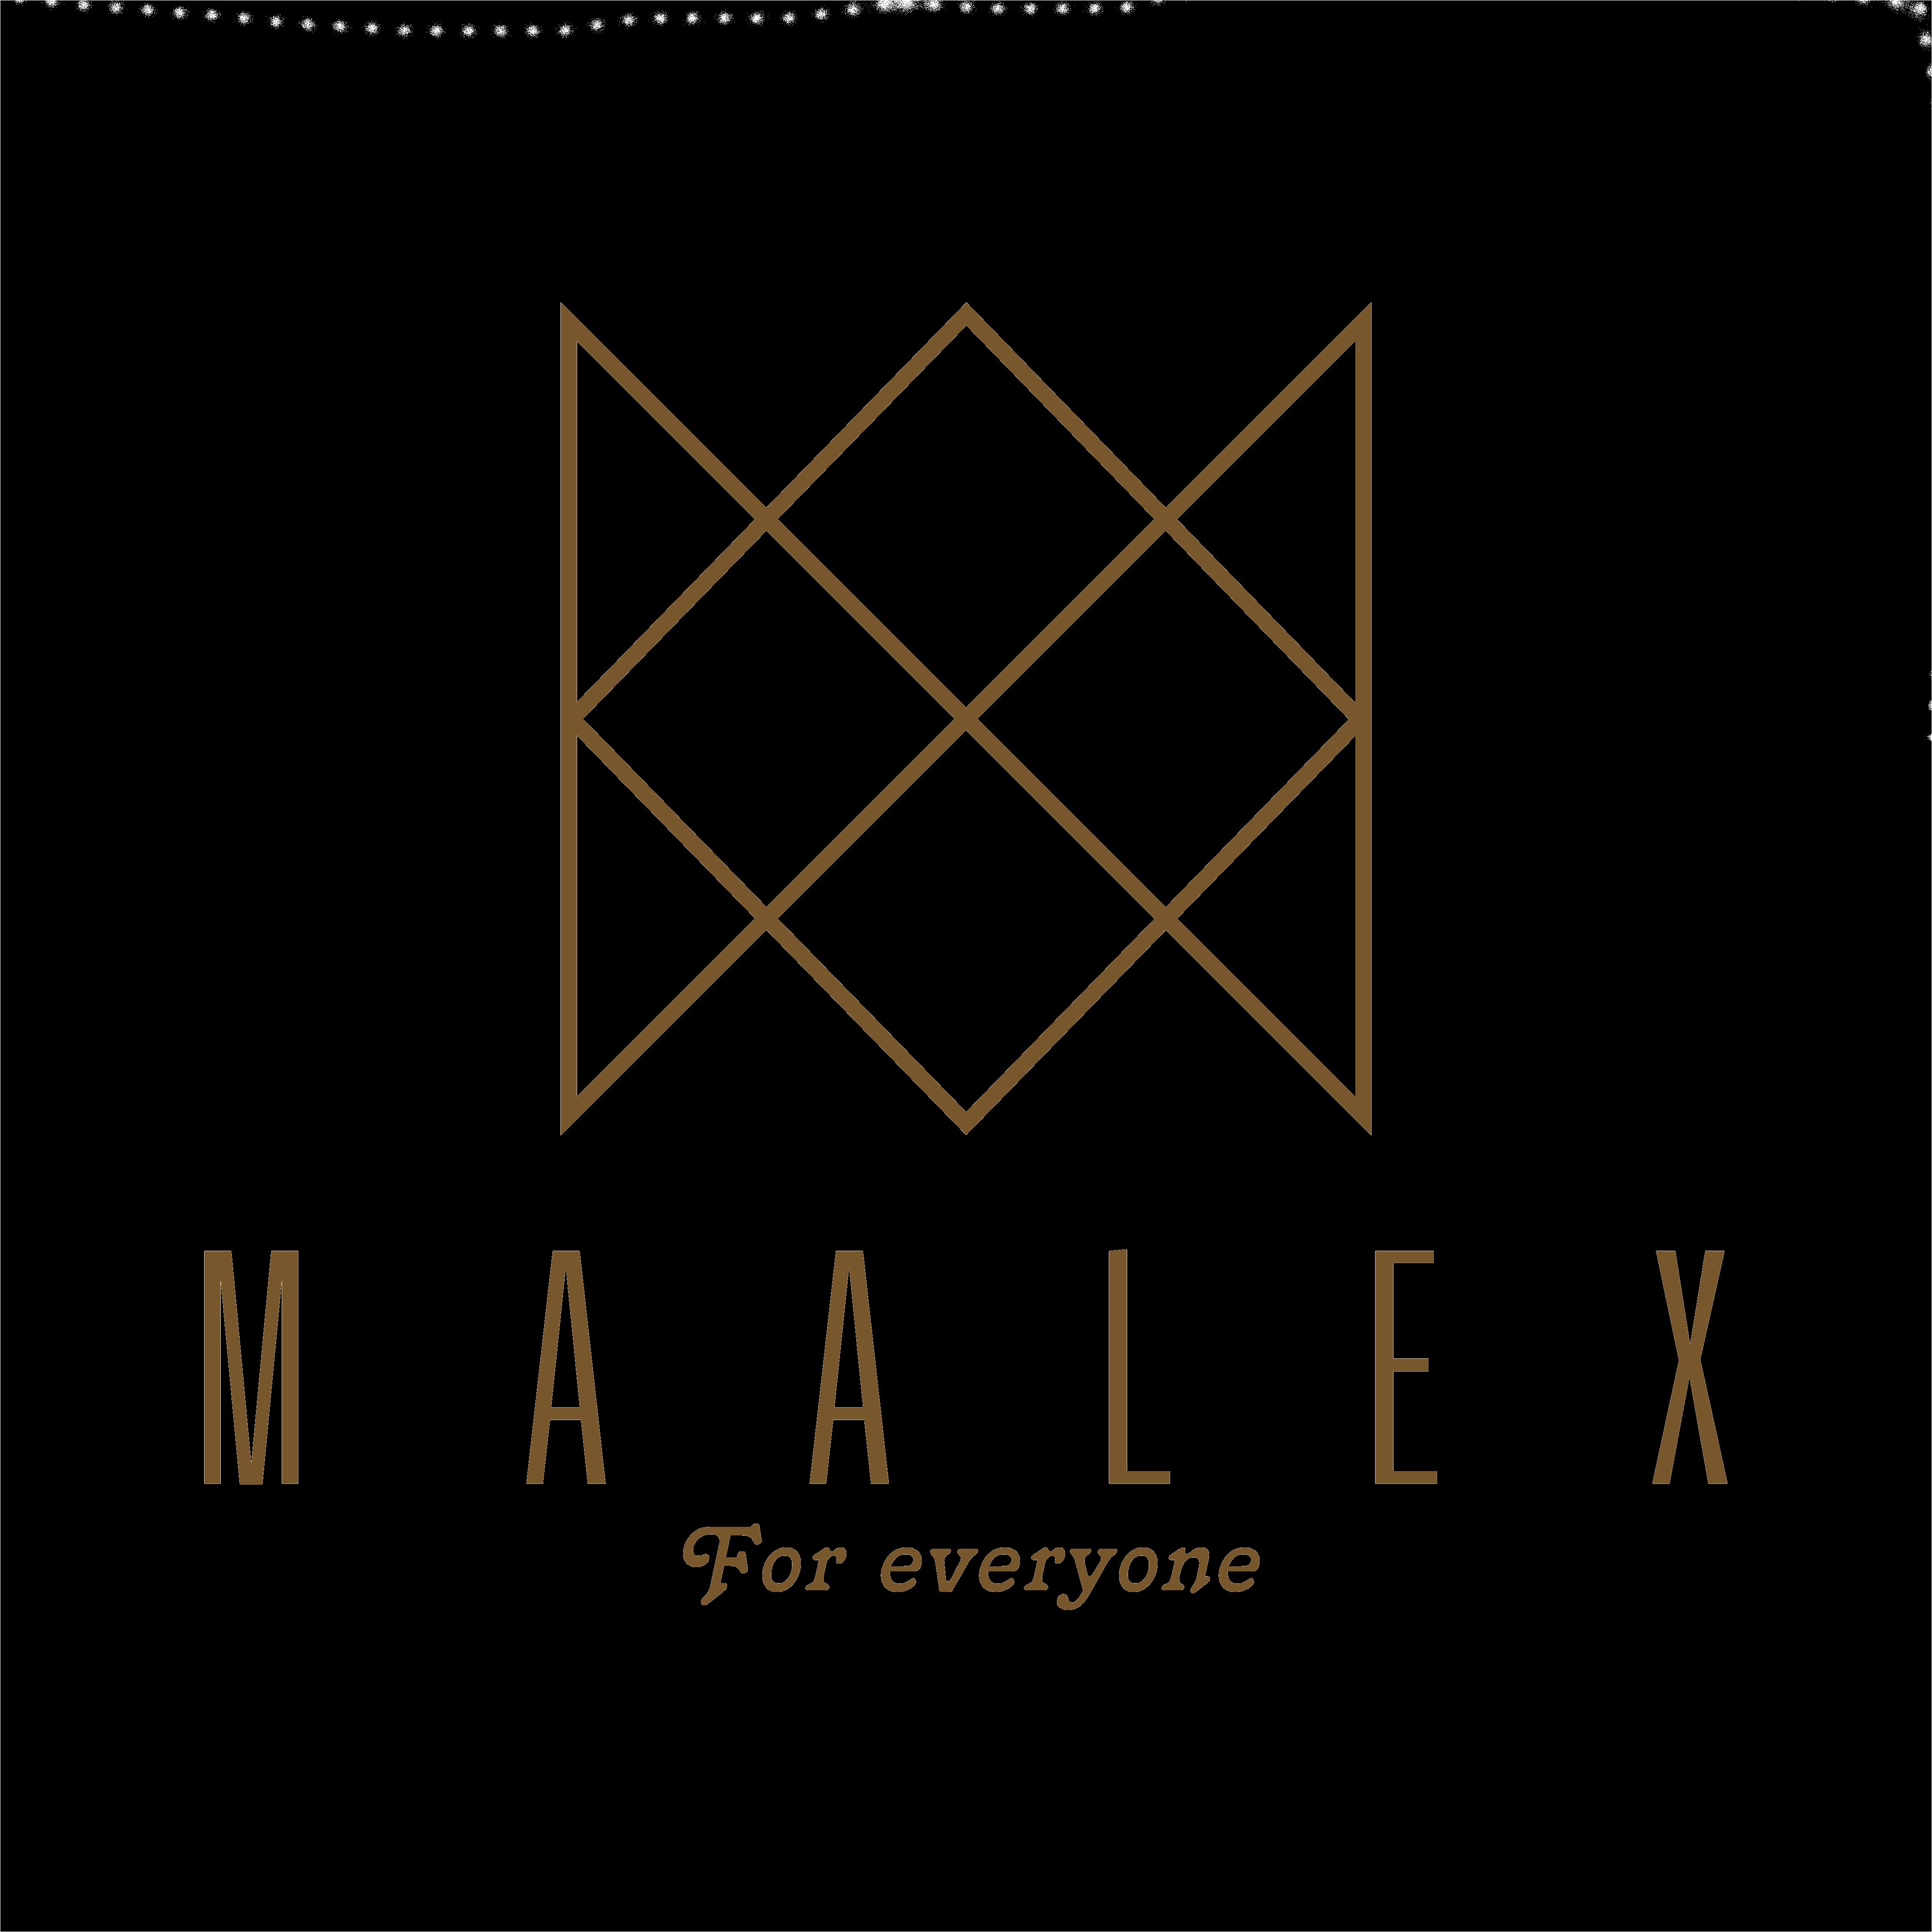 Maalex